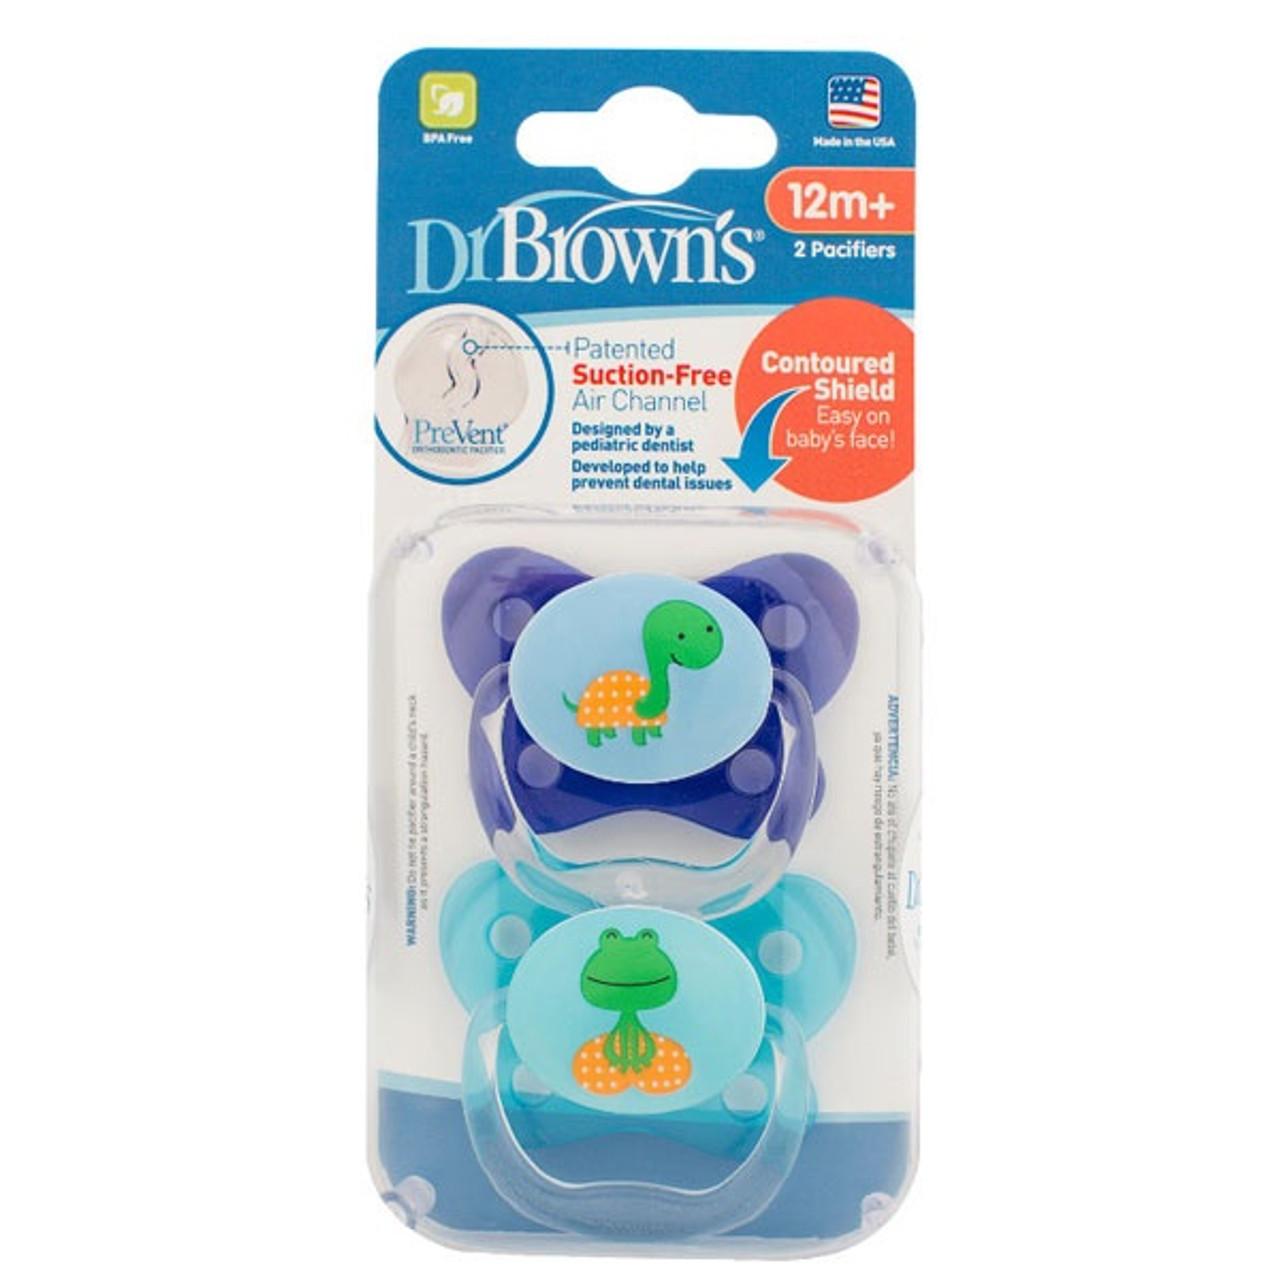 Dr Brown's Prevent Contoured Pacifier 12m+ 2pk - BLUE